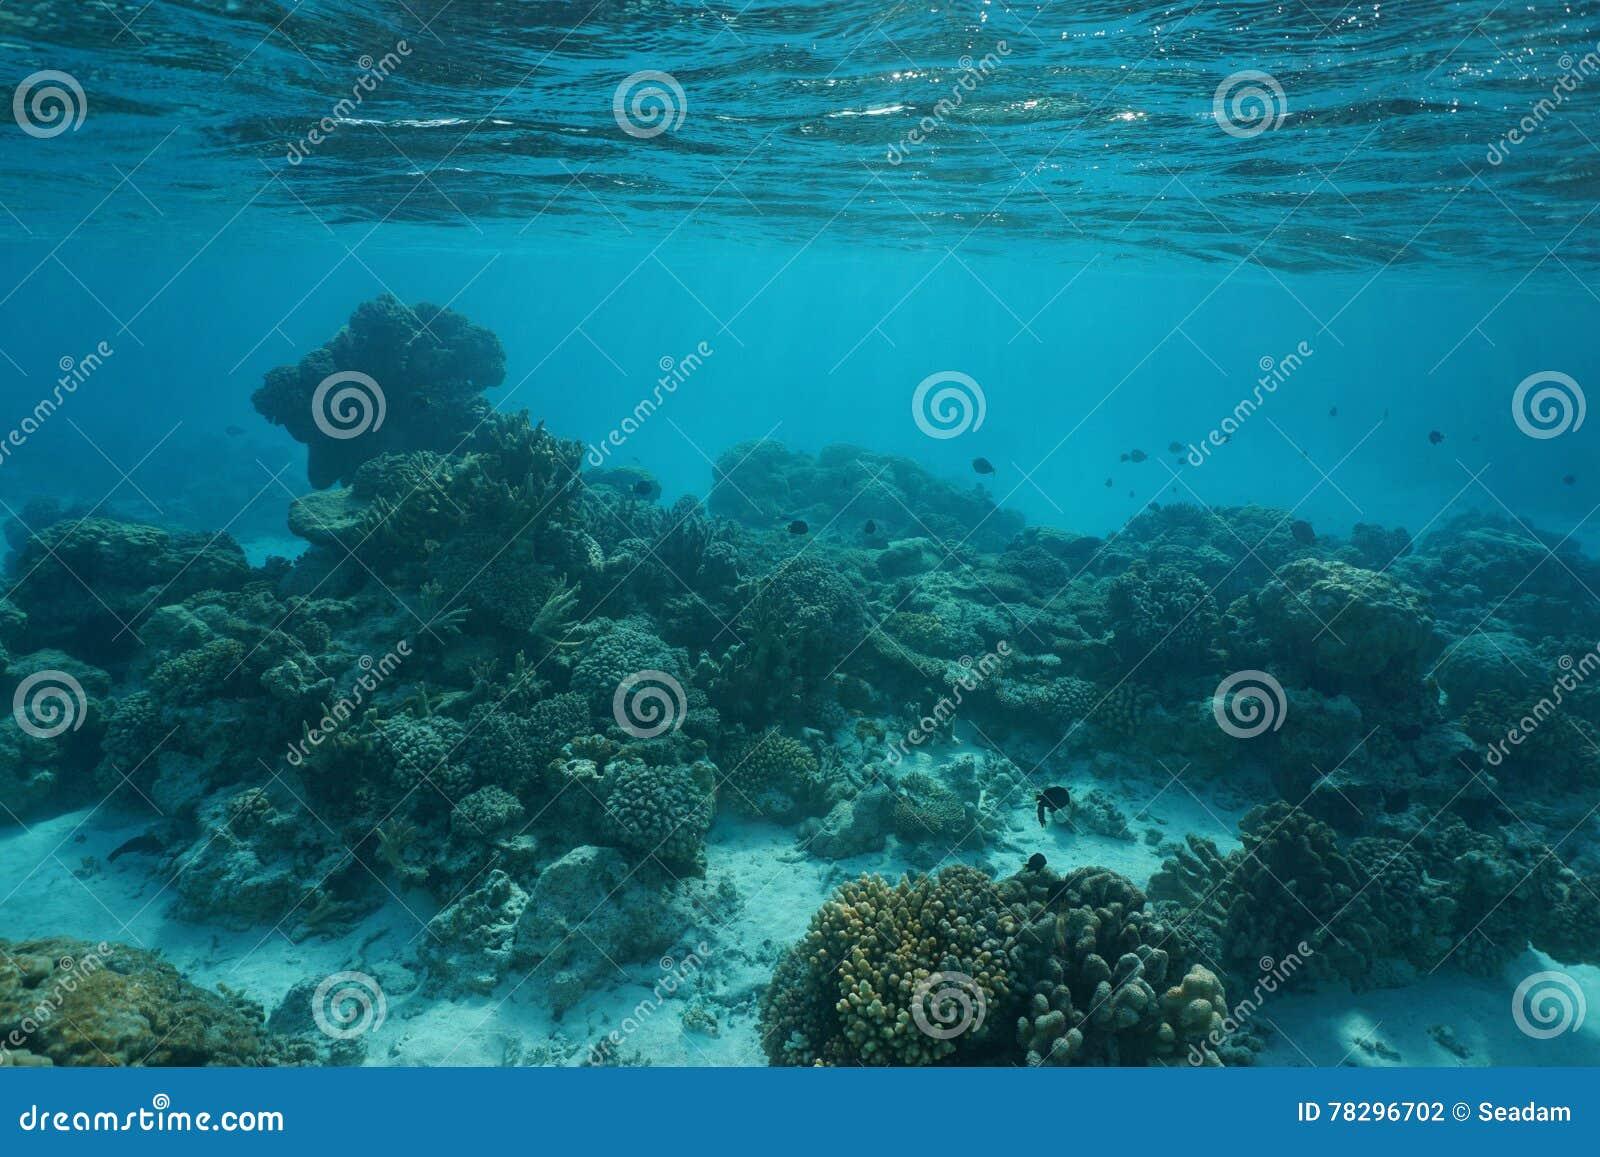 underwater ocean coral reef shallow ocean floor stock photo